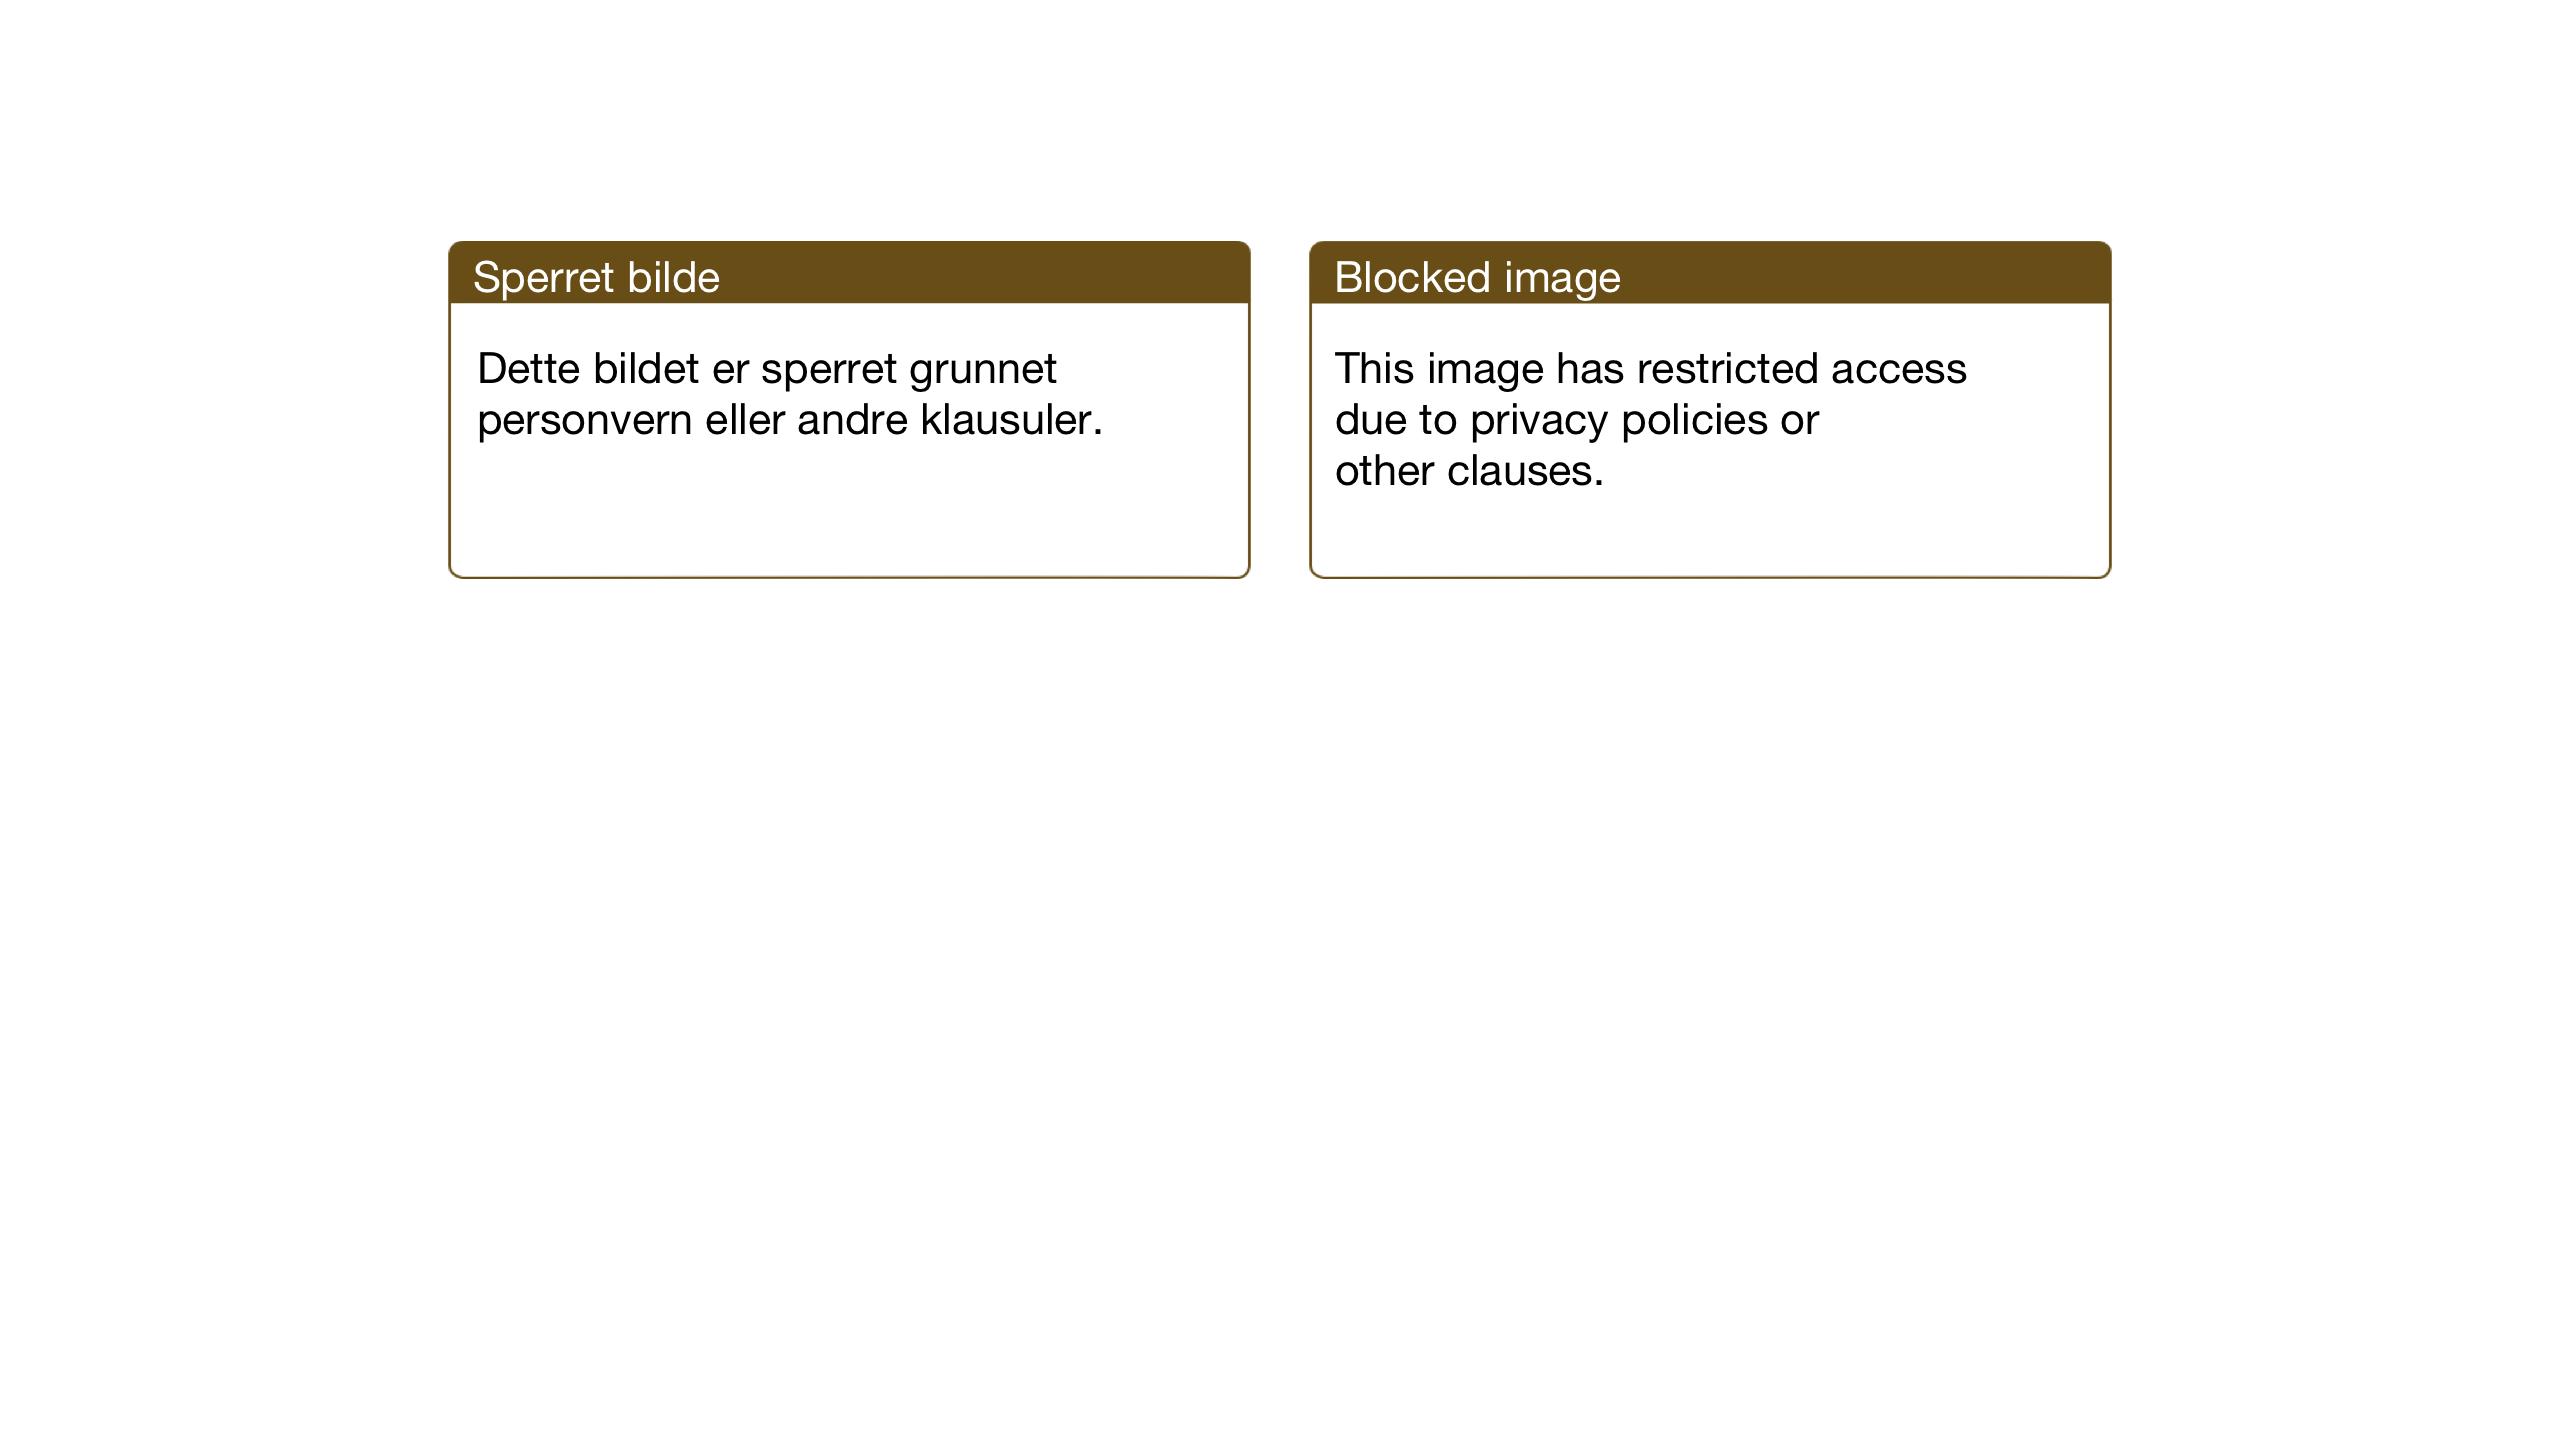 SAT, Ministerialprotokoller, klokkerbøker og fødselsregistre - Nord-Trøndelag, 713/L0125: Klokkerbok nr. 713C02, 1931-1941, s. 4